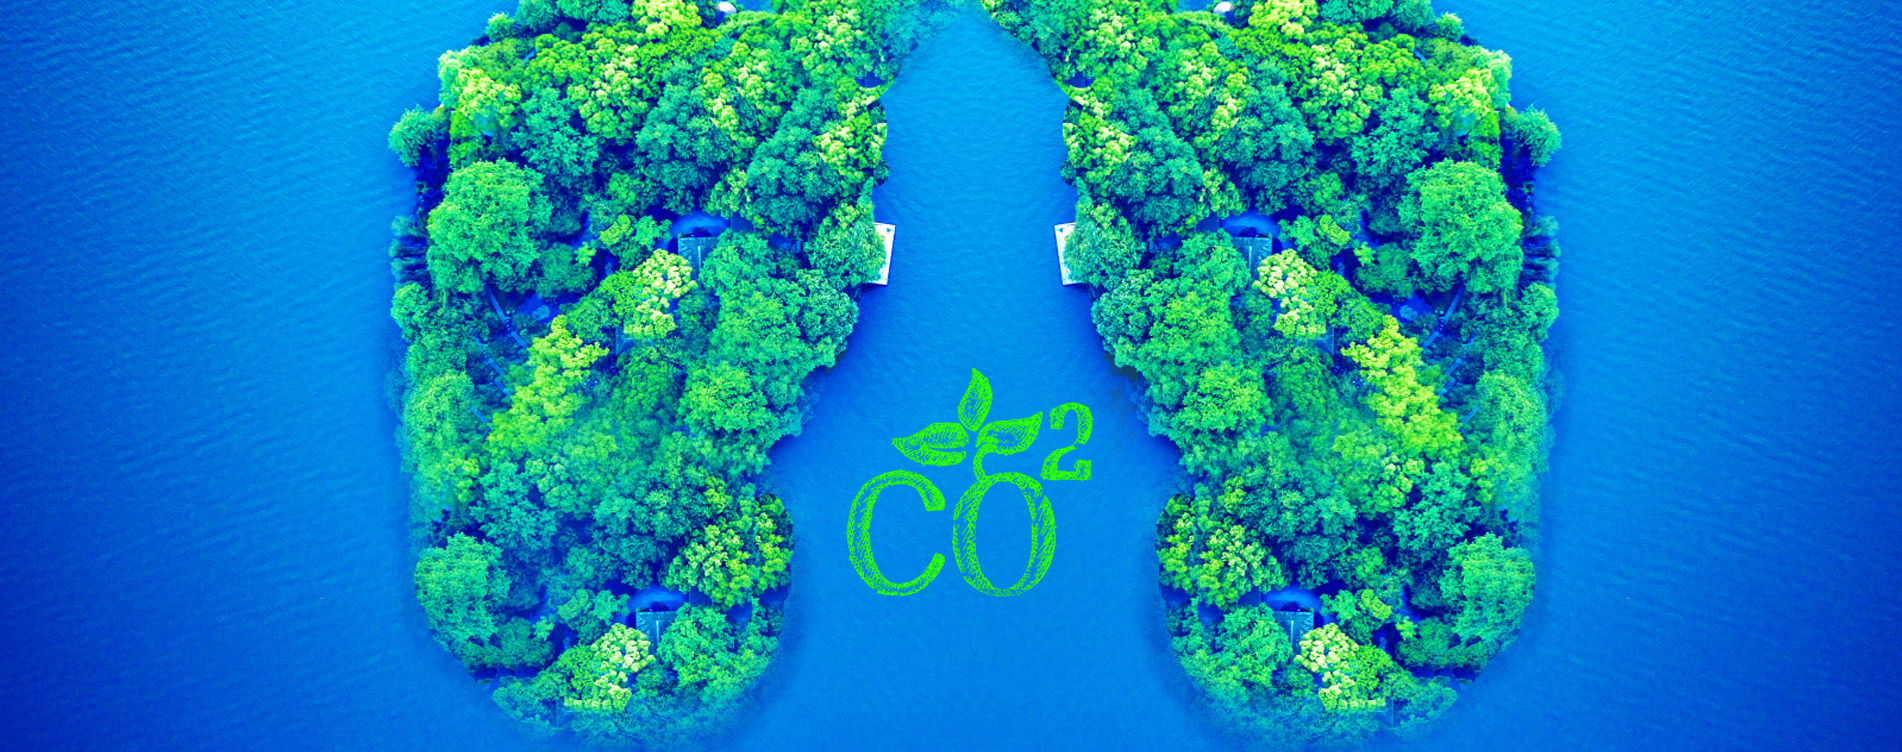 綠色制冷共建節能生態